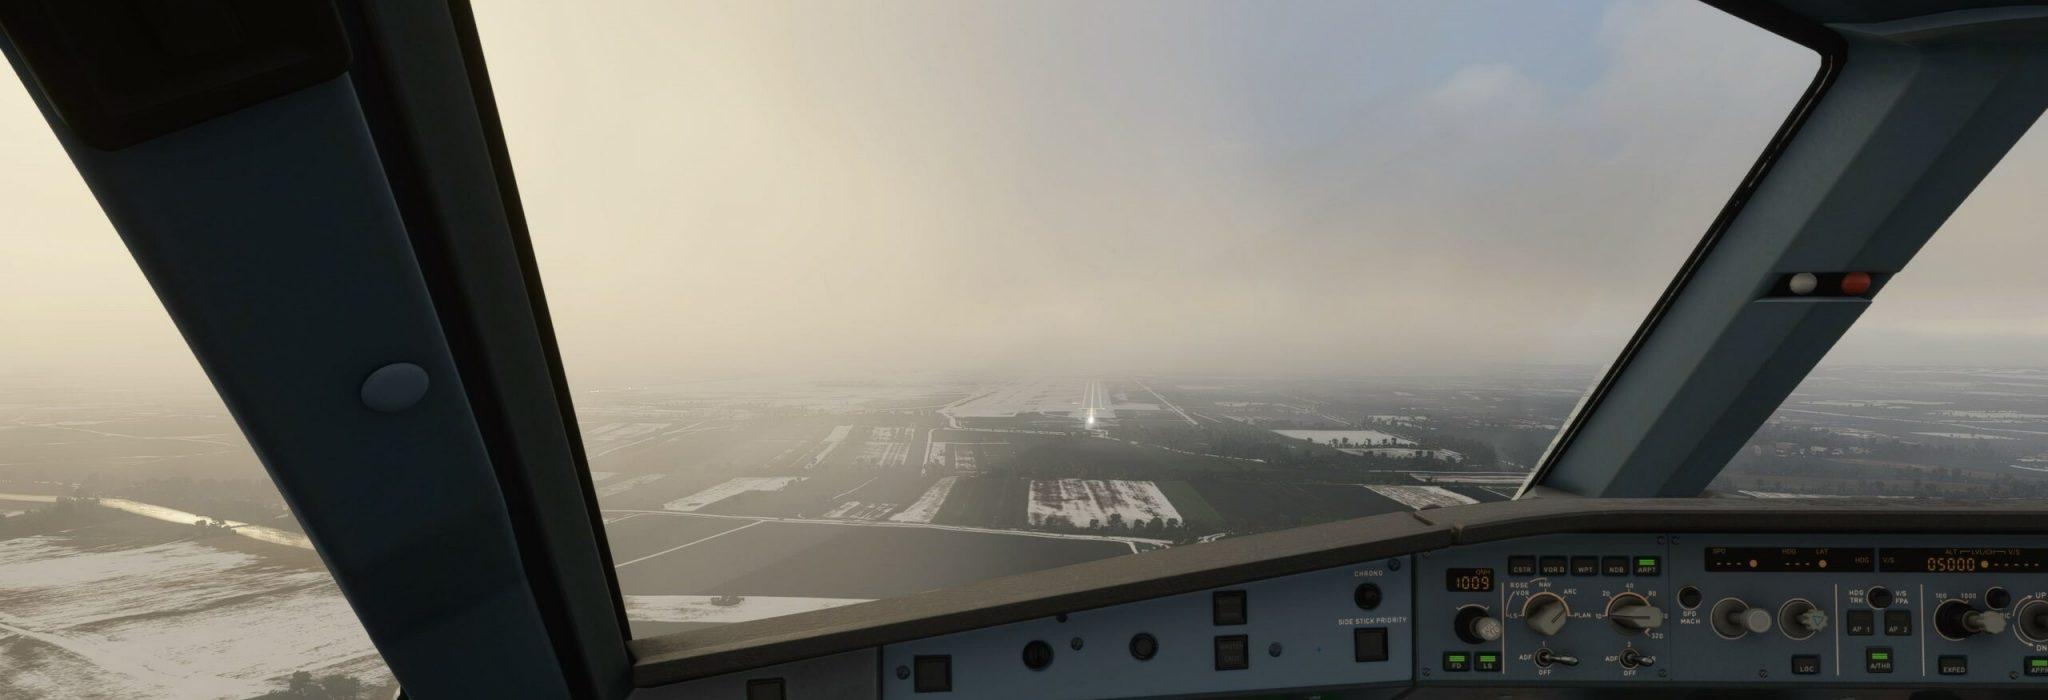 FlightSimulator_vvIEFpPZ36